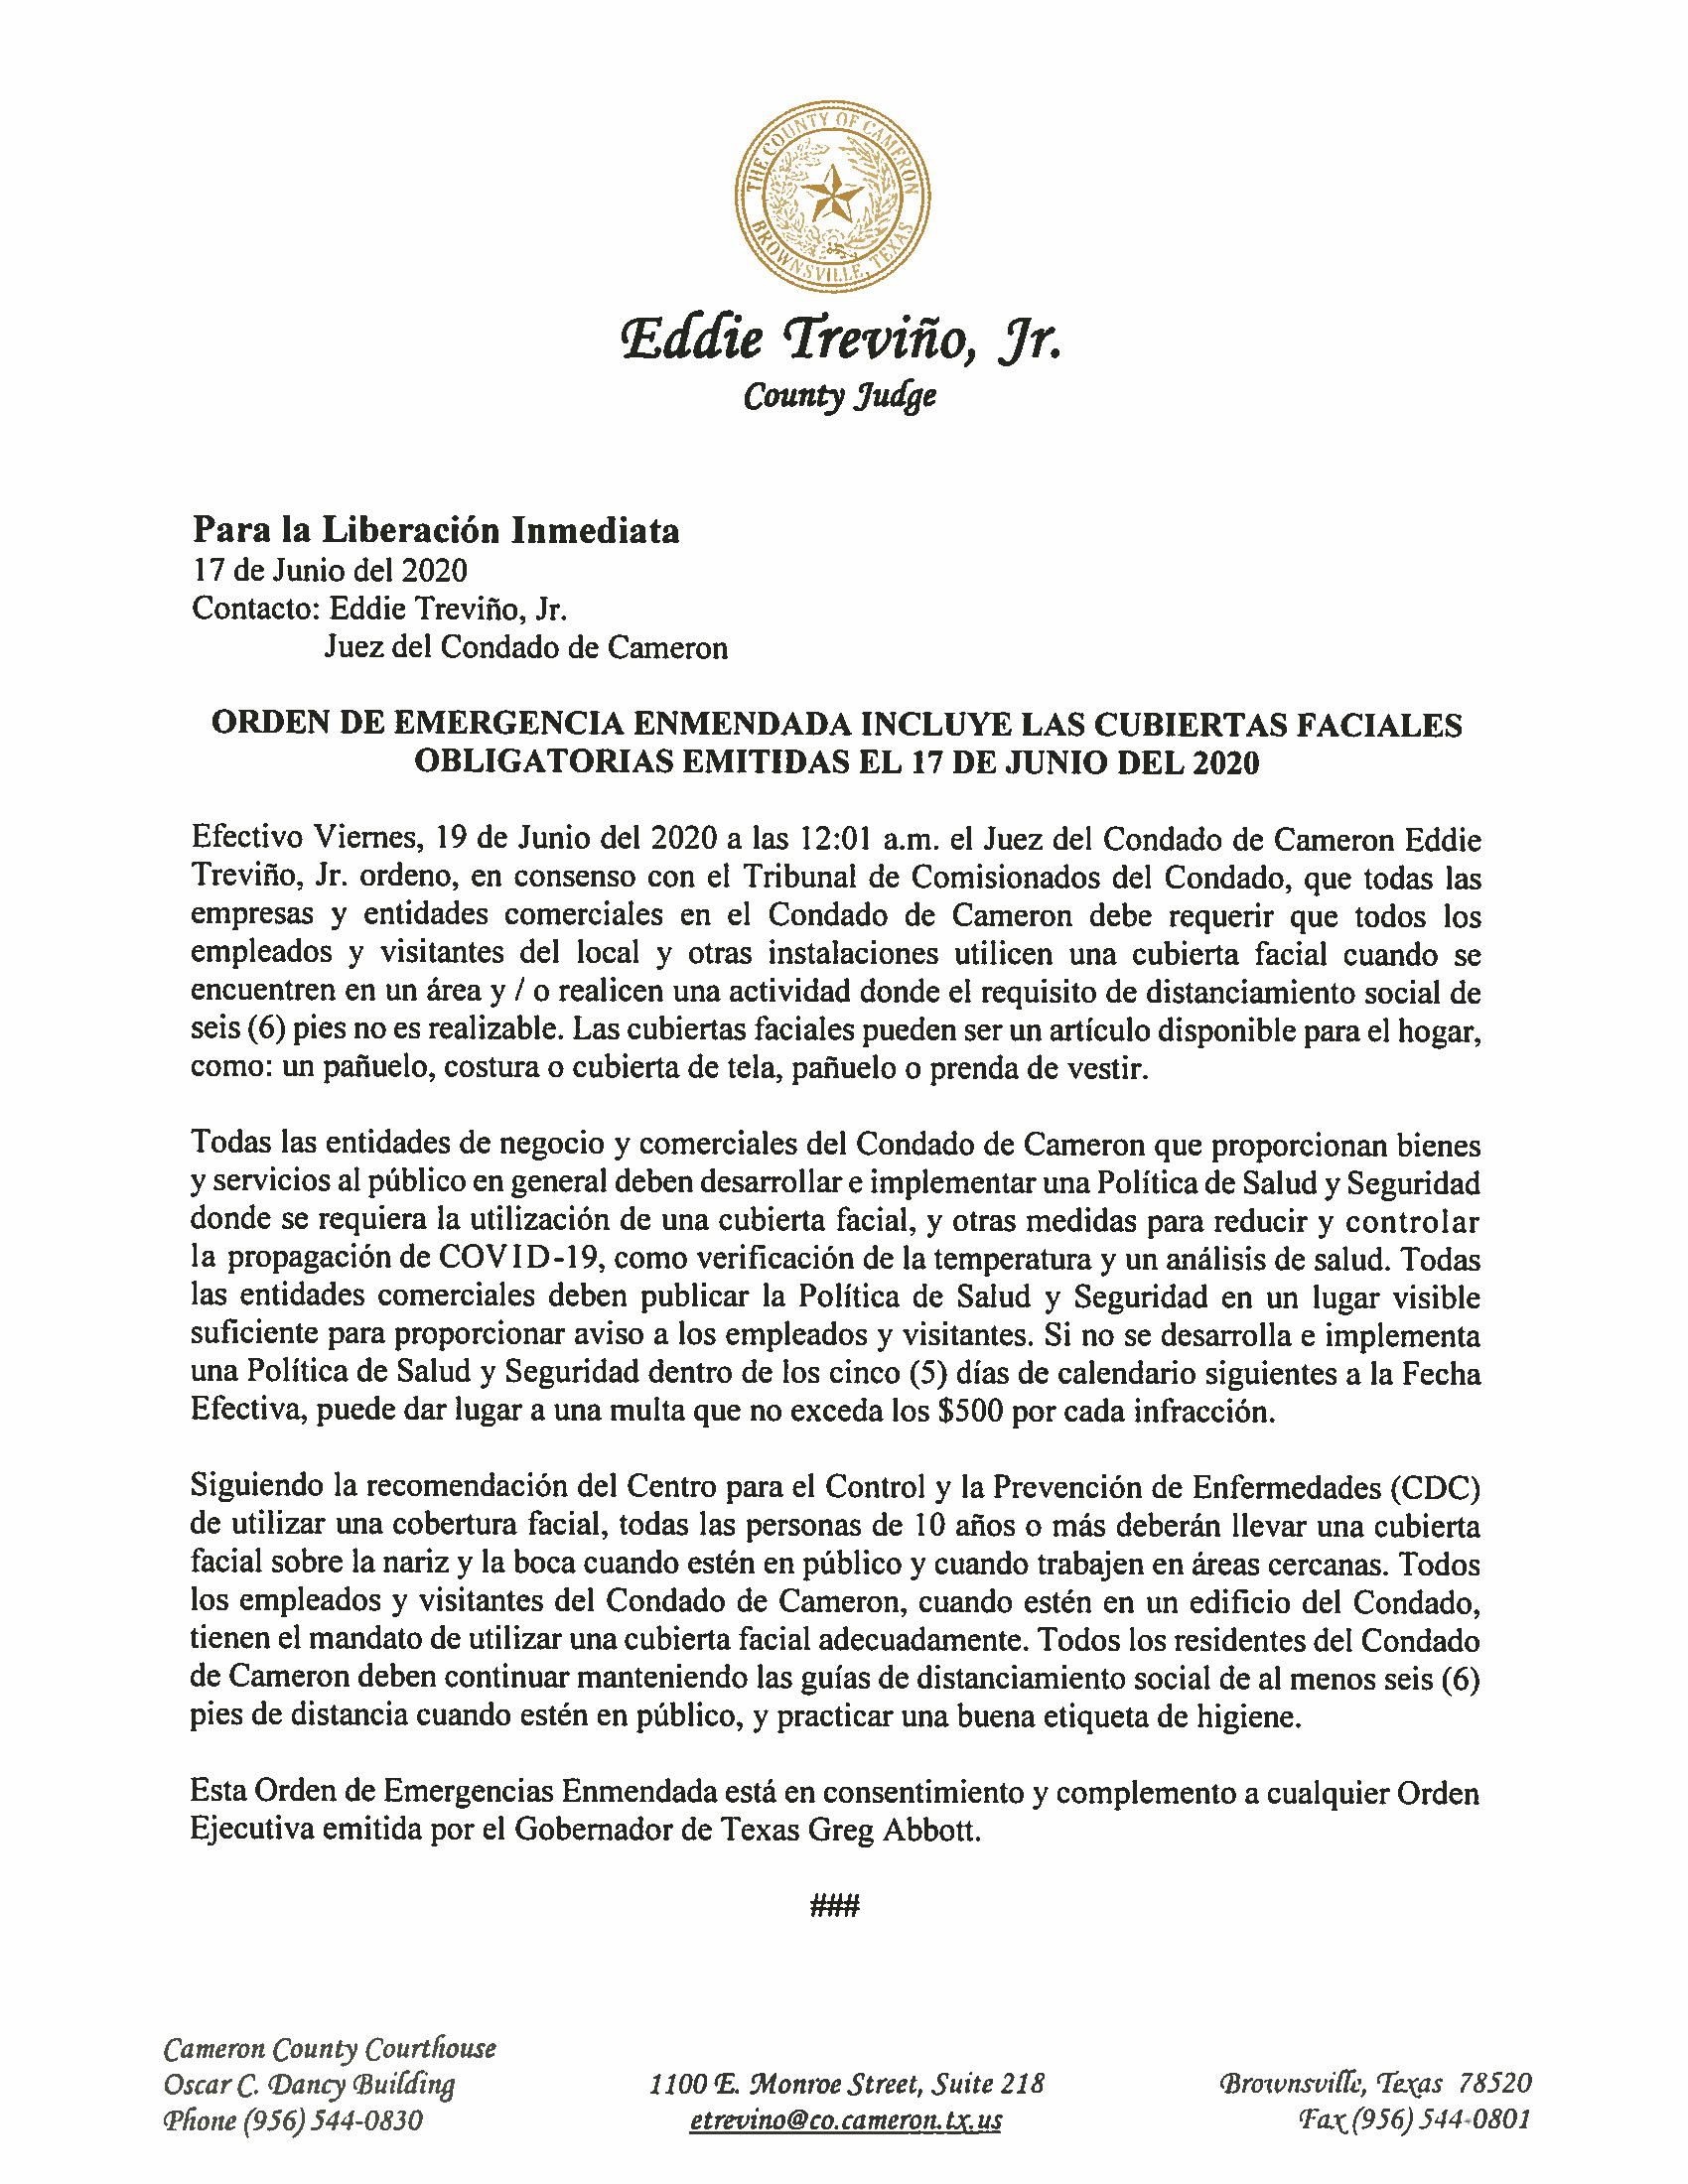 06.17.2020 Para La Liberacion Imediata Orden De Emergencia Enmendada Inclye Las Cubiertas Faciales Obligatorias Emitidas El 17 De Junio Del 2020